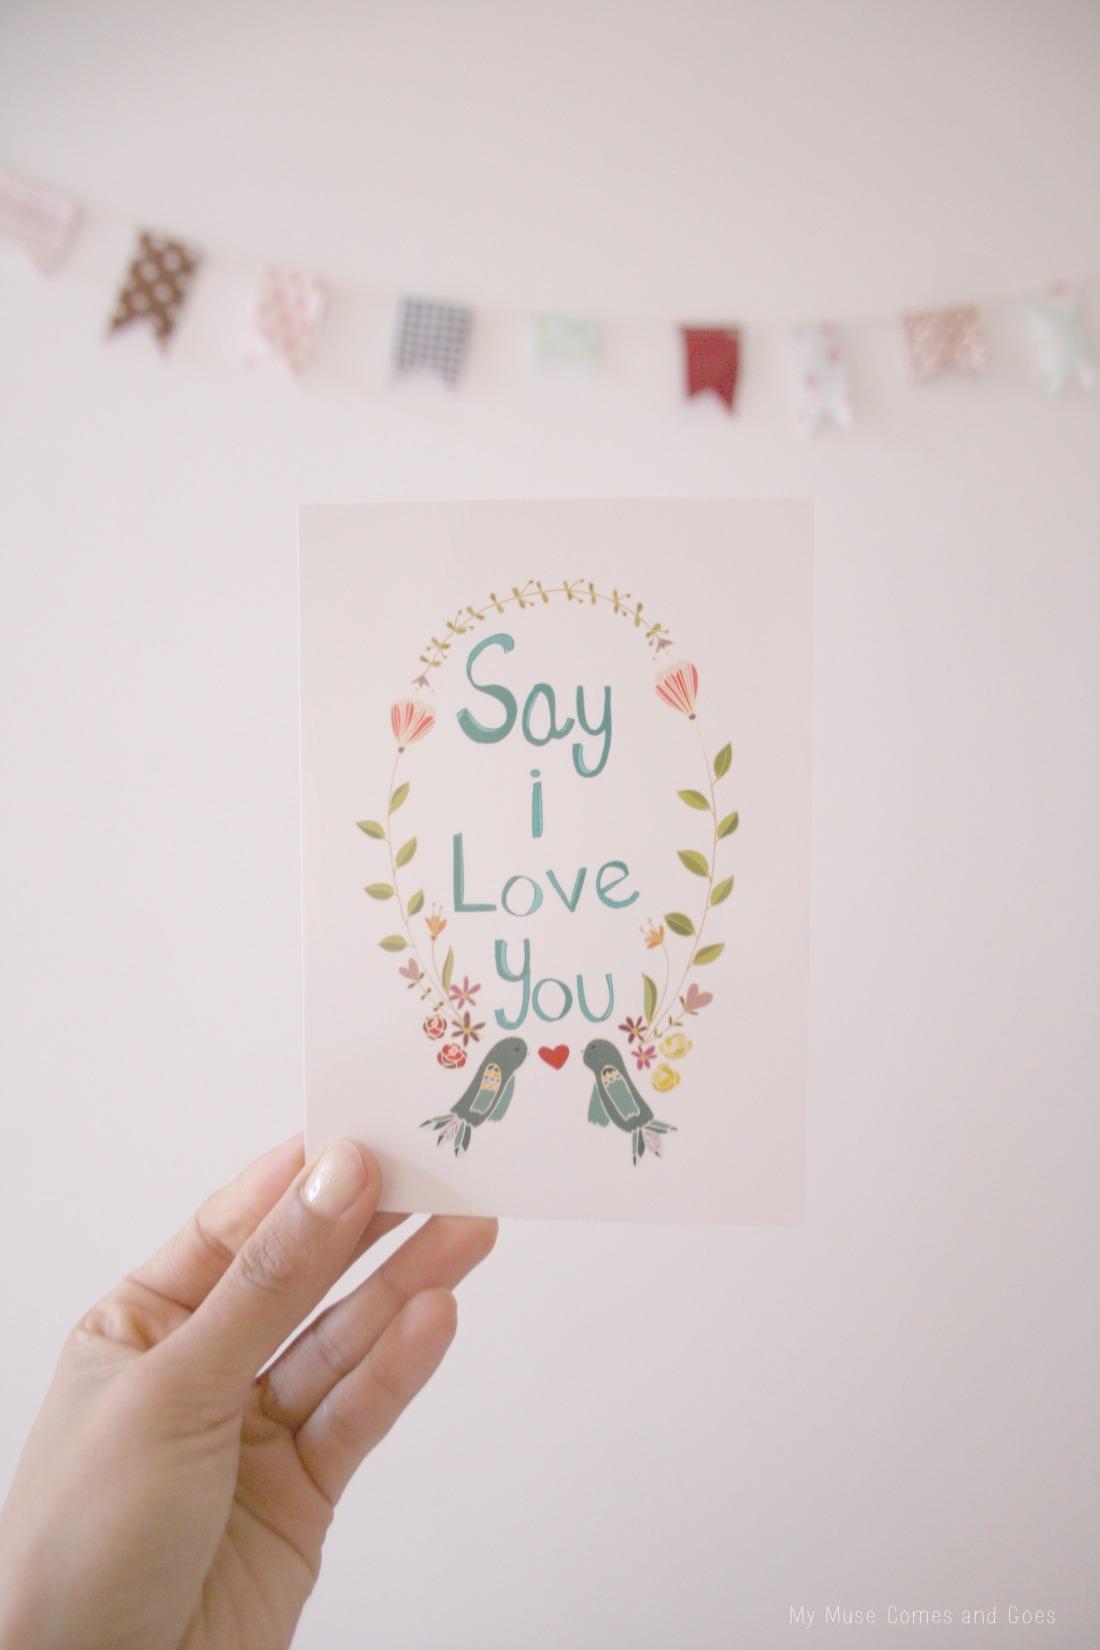 loveufacebook.jpg